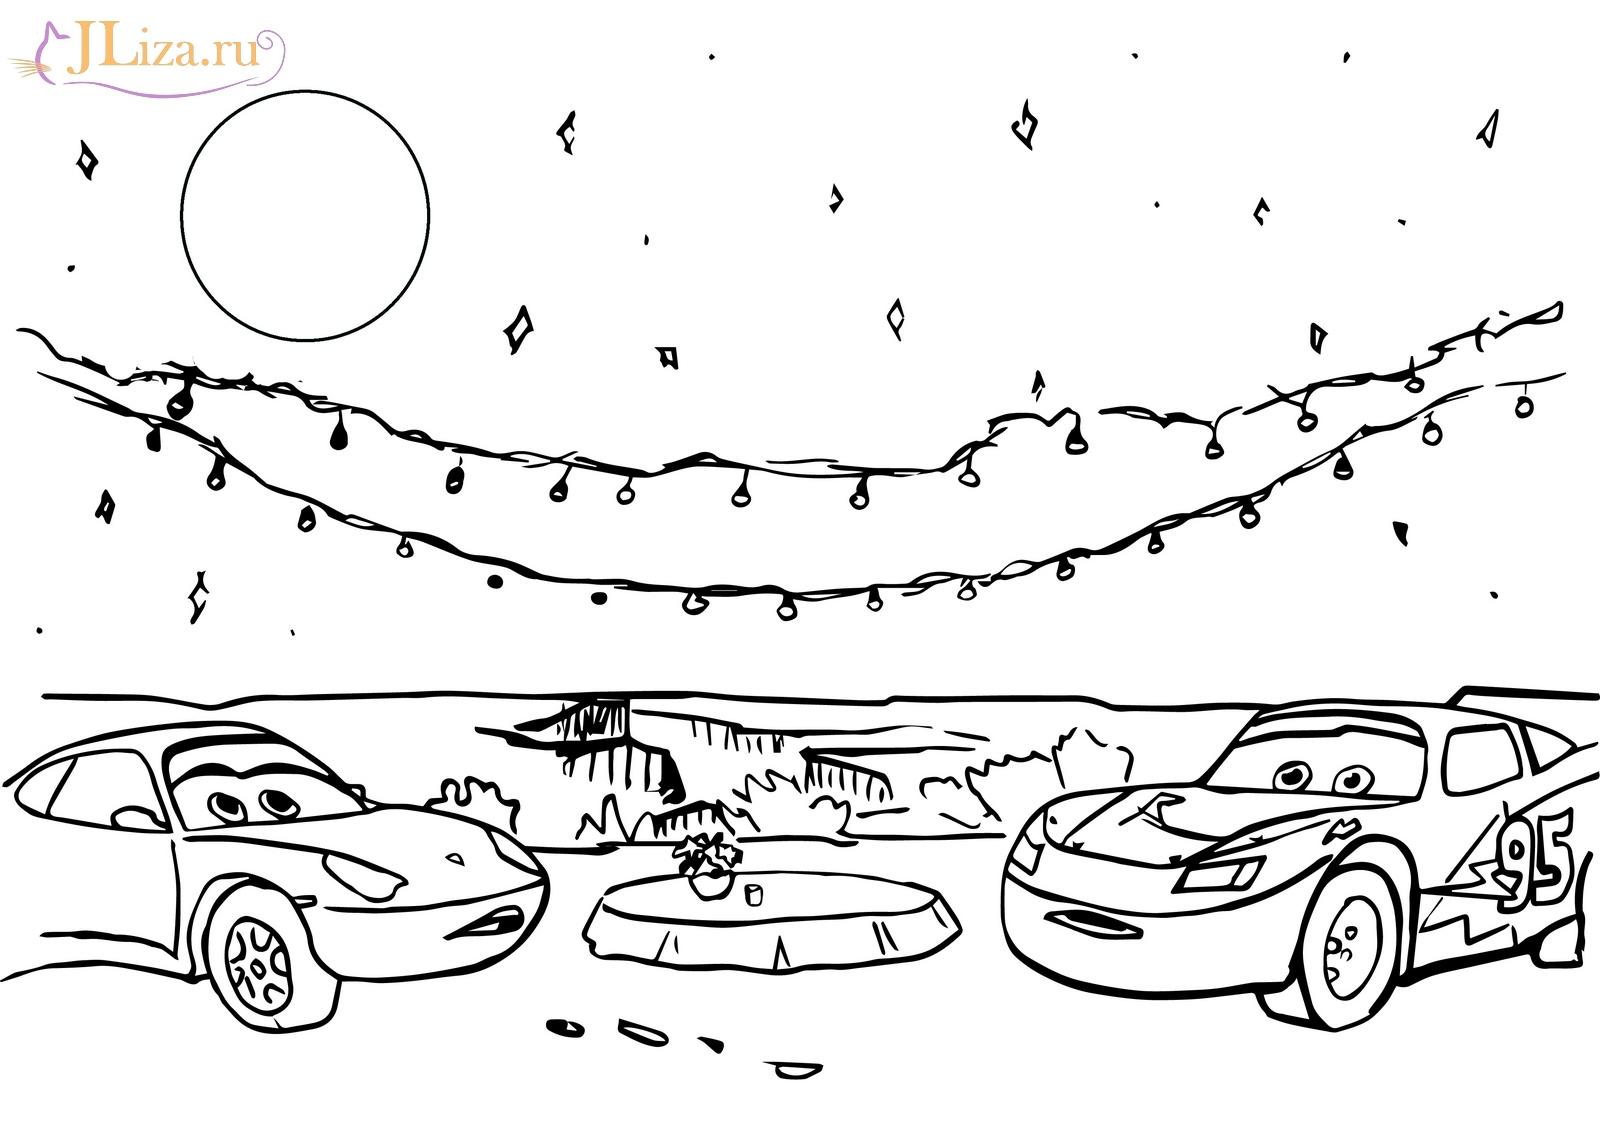 Герои сказки теремок из автомобильных шин авторазборка бмв 320 торпеда